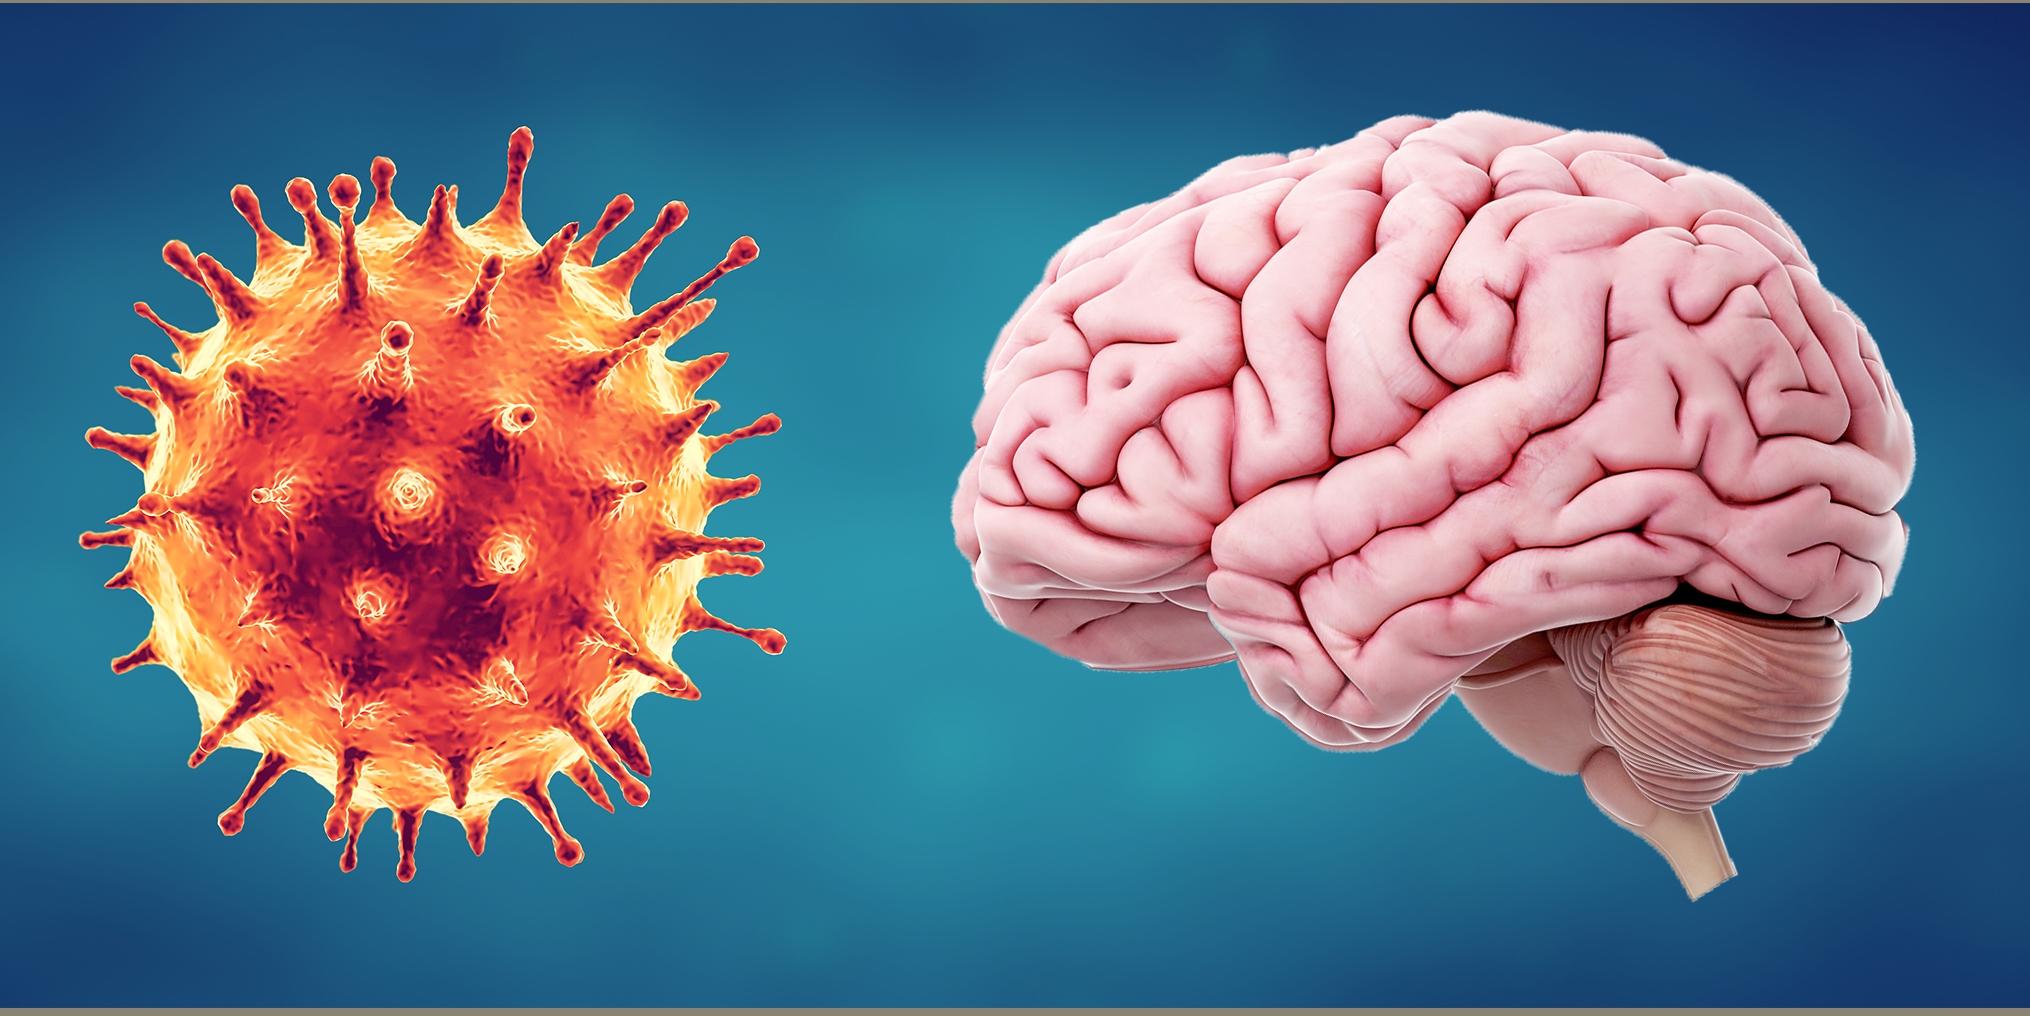 Κορωνοϊός κοινό σύμπτωμα: Πώς εισέρχεται ο ιός στο νευρικό σύστημα και καταστρέφει γεύση – όσφρηση